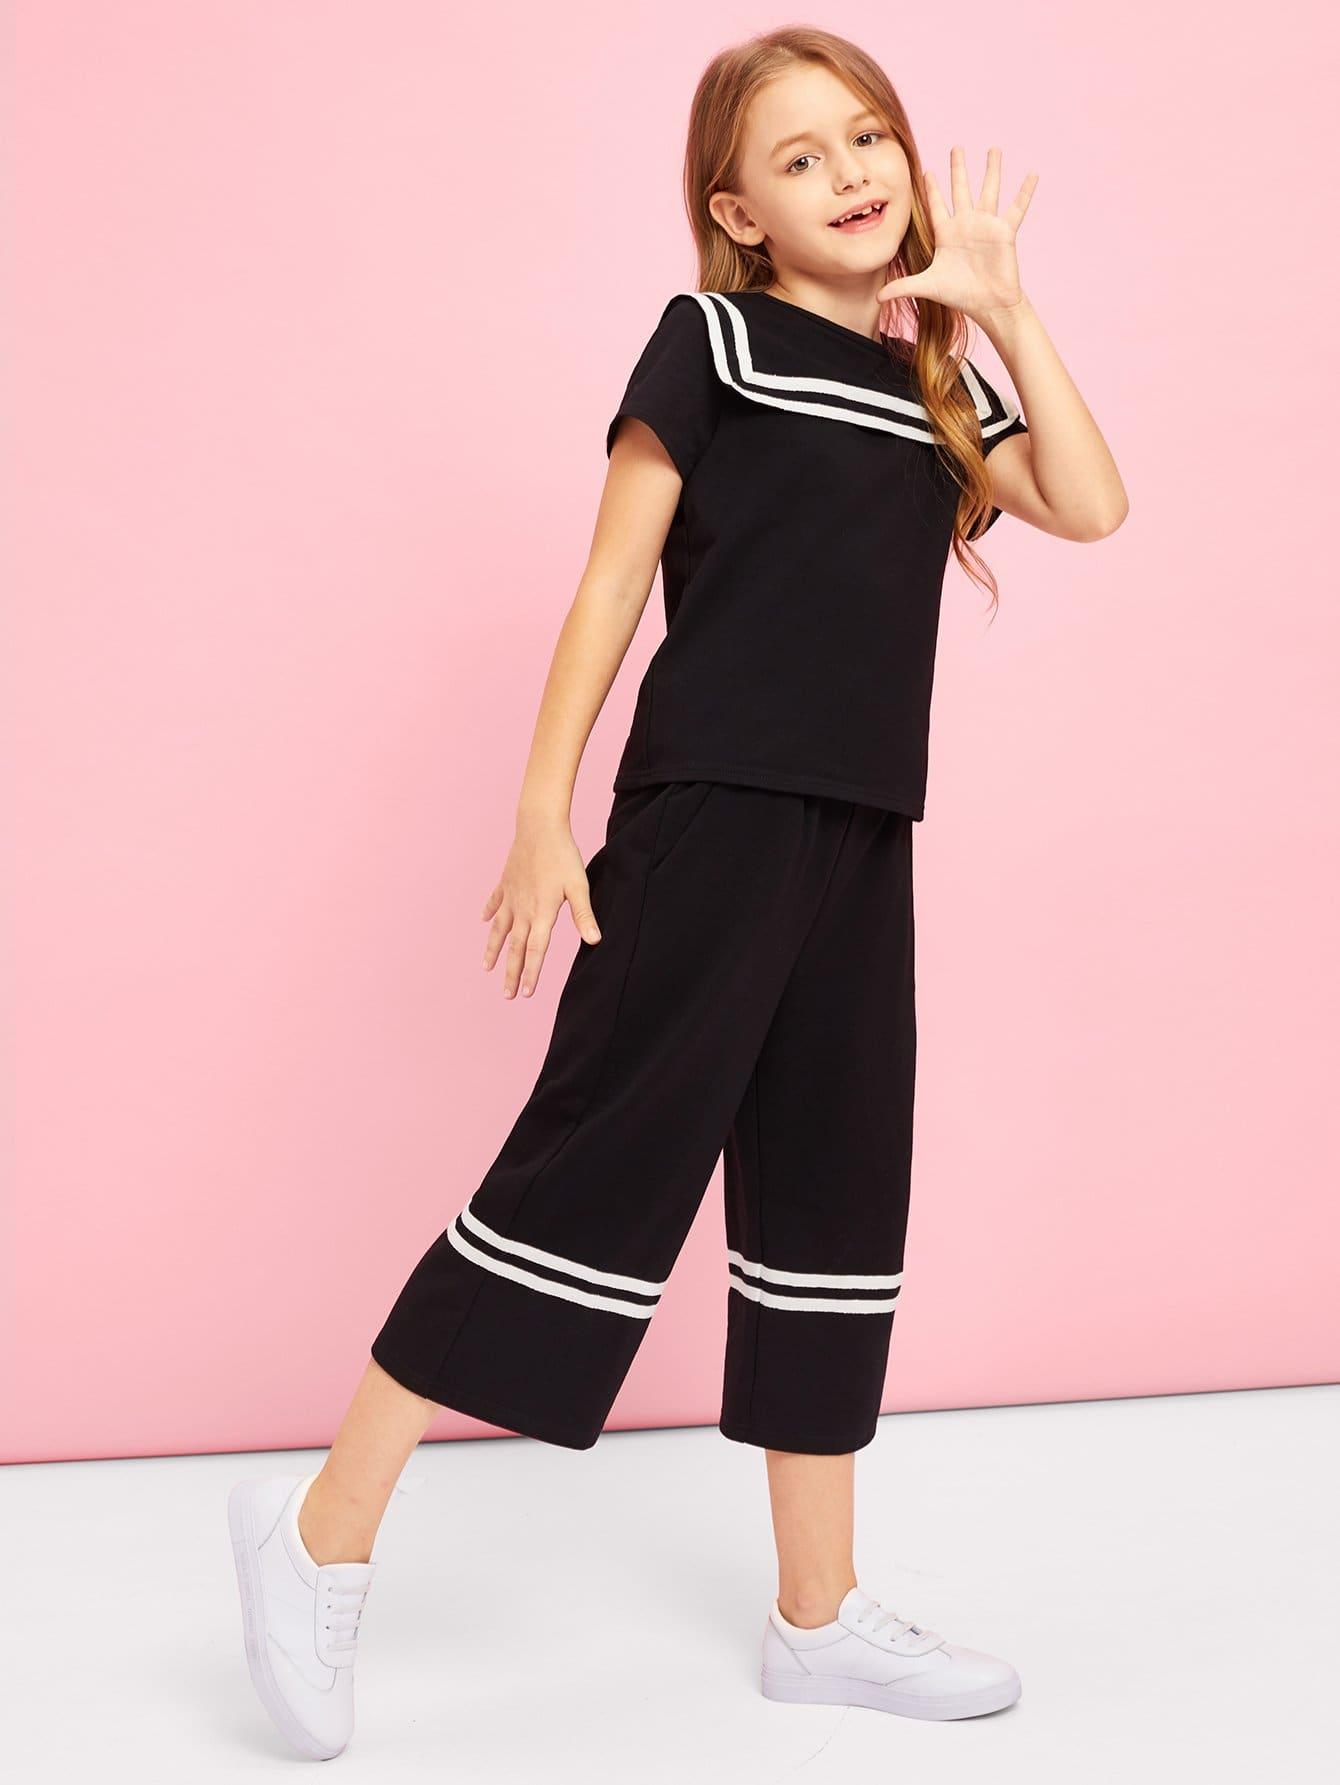 Купить Девушки полосатые детали и широкие штаны для ног, Sashab, SheIn